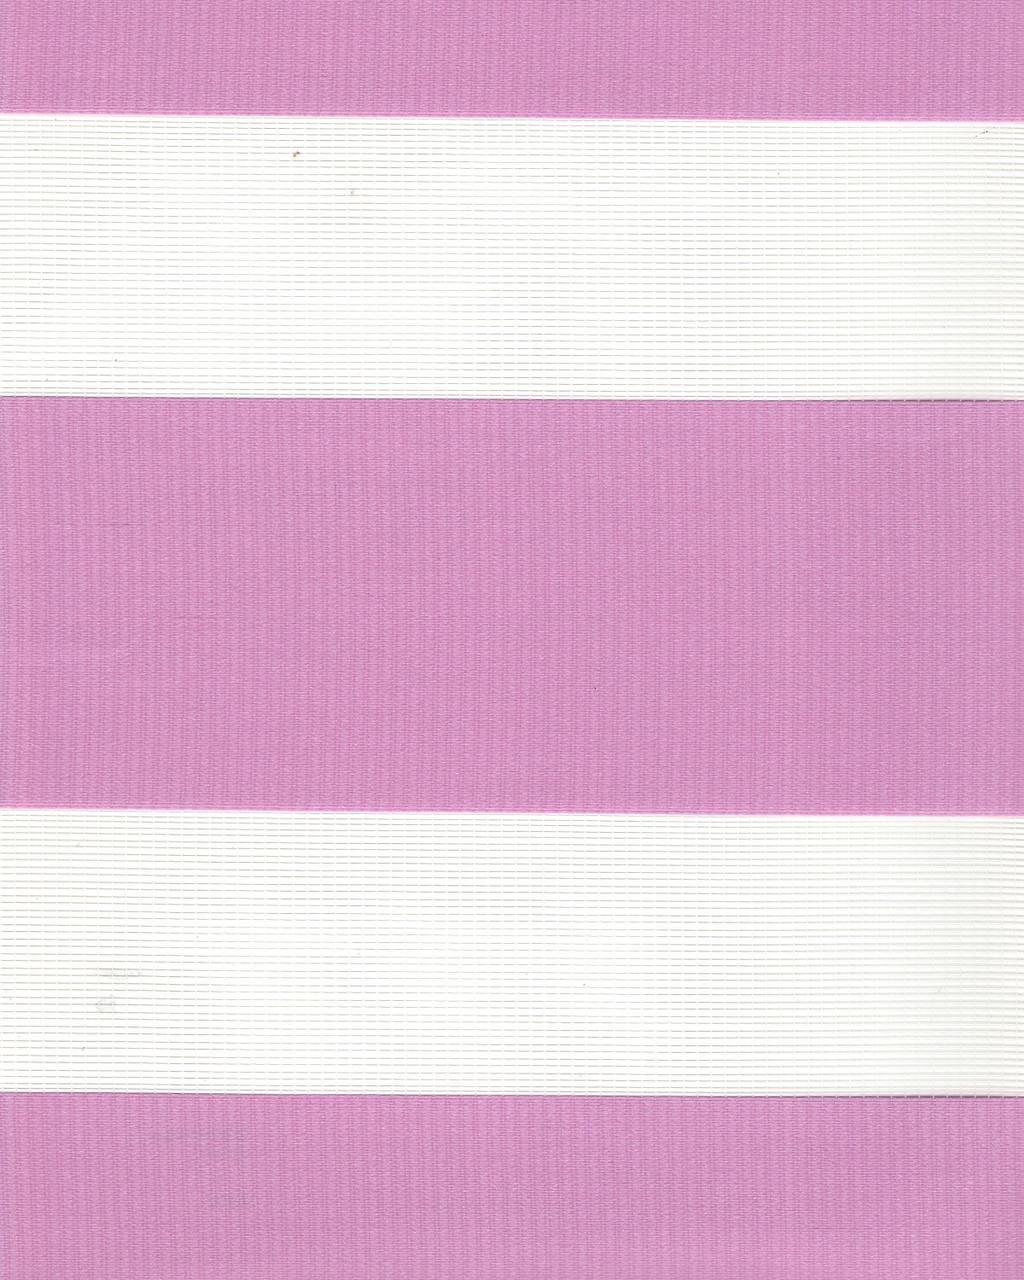 Тканевая ролета открытая система День-Ночь Олимпос 2096 сиреневый, 40*170 см